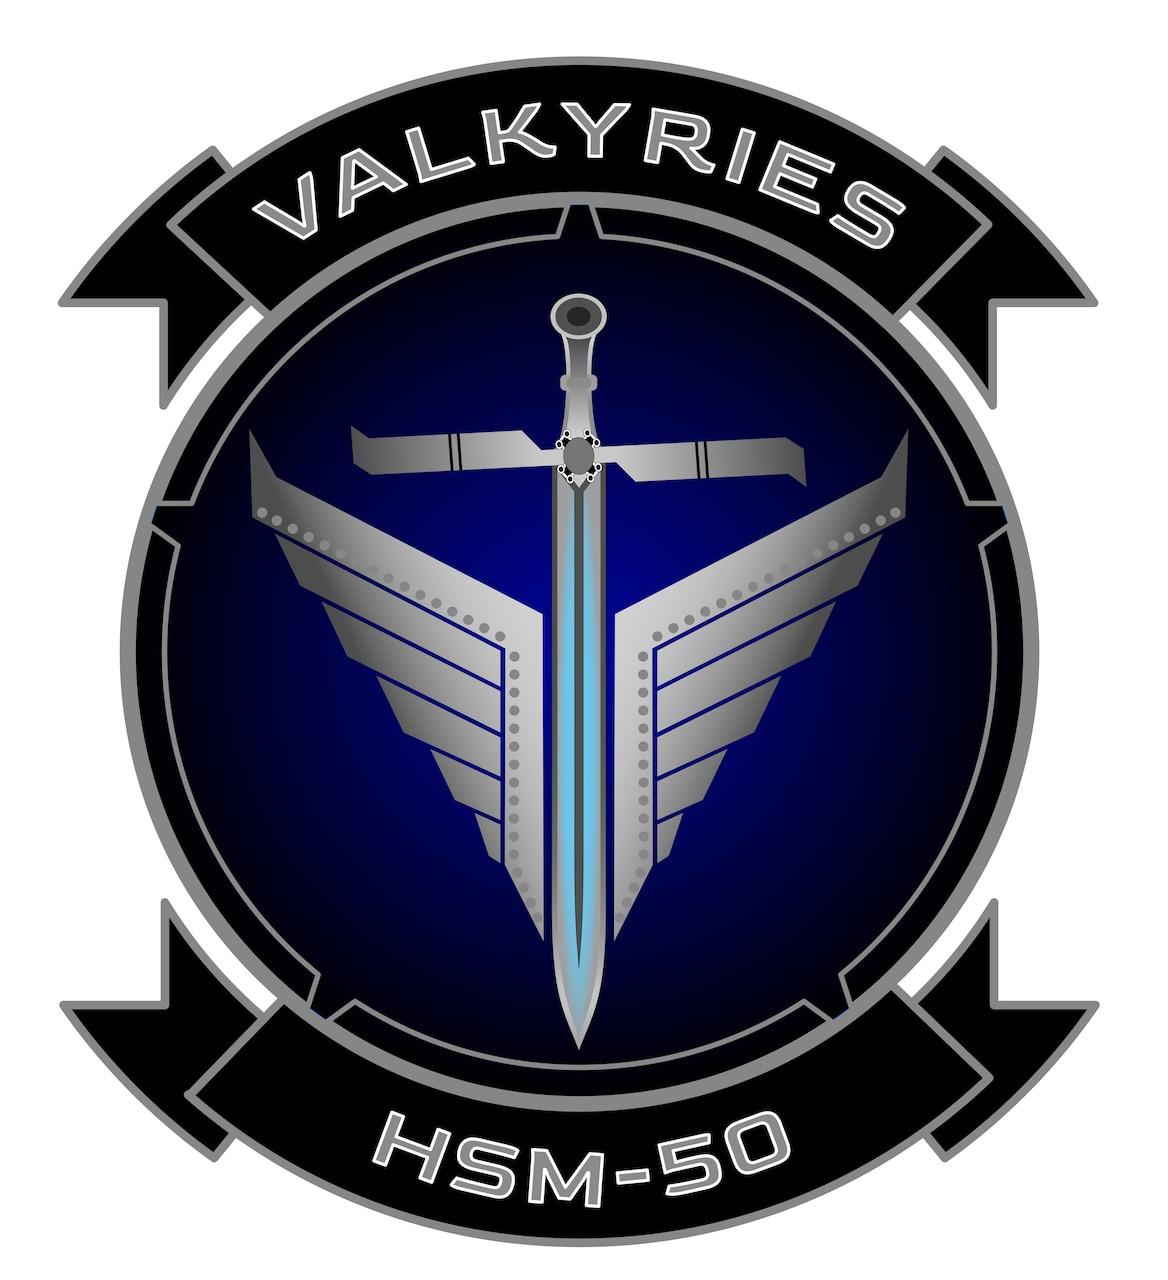 HSM-50 Insignia